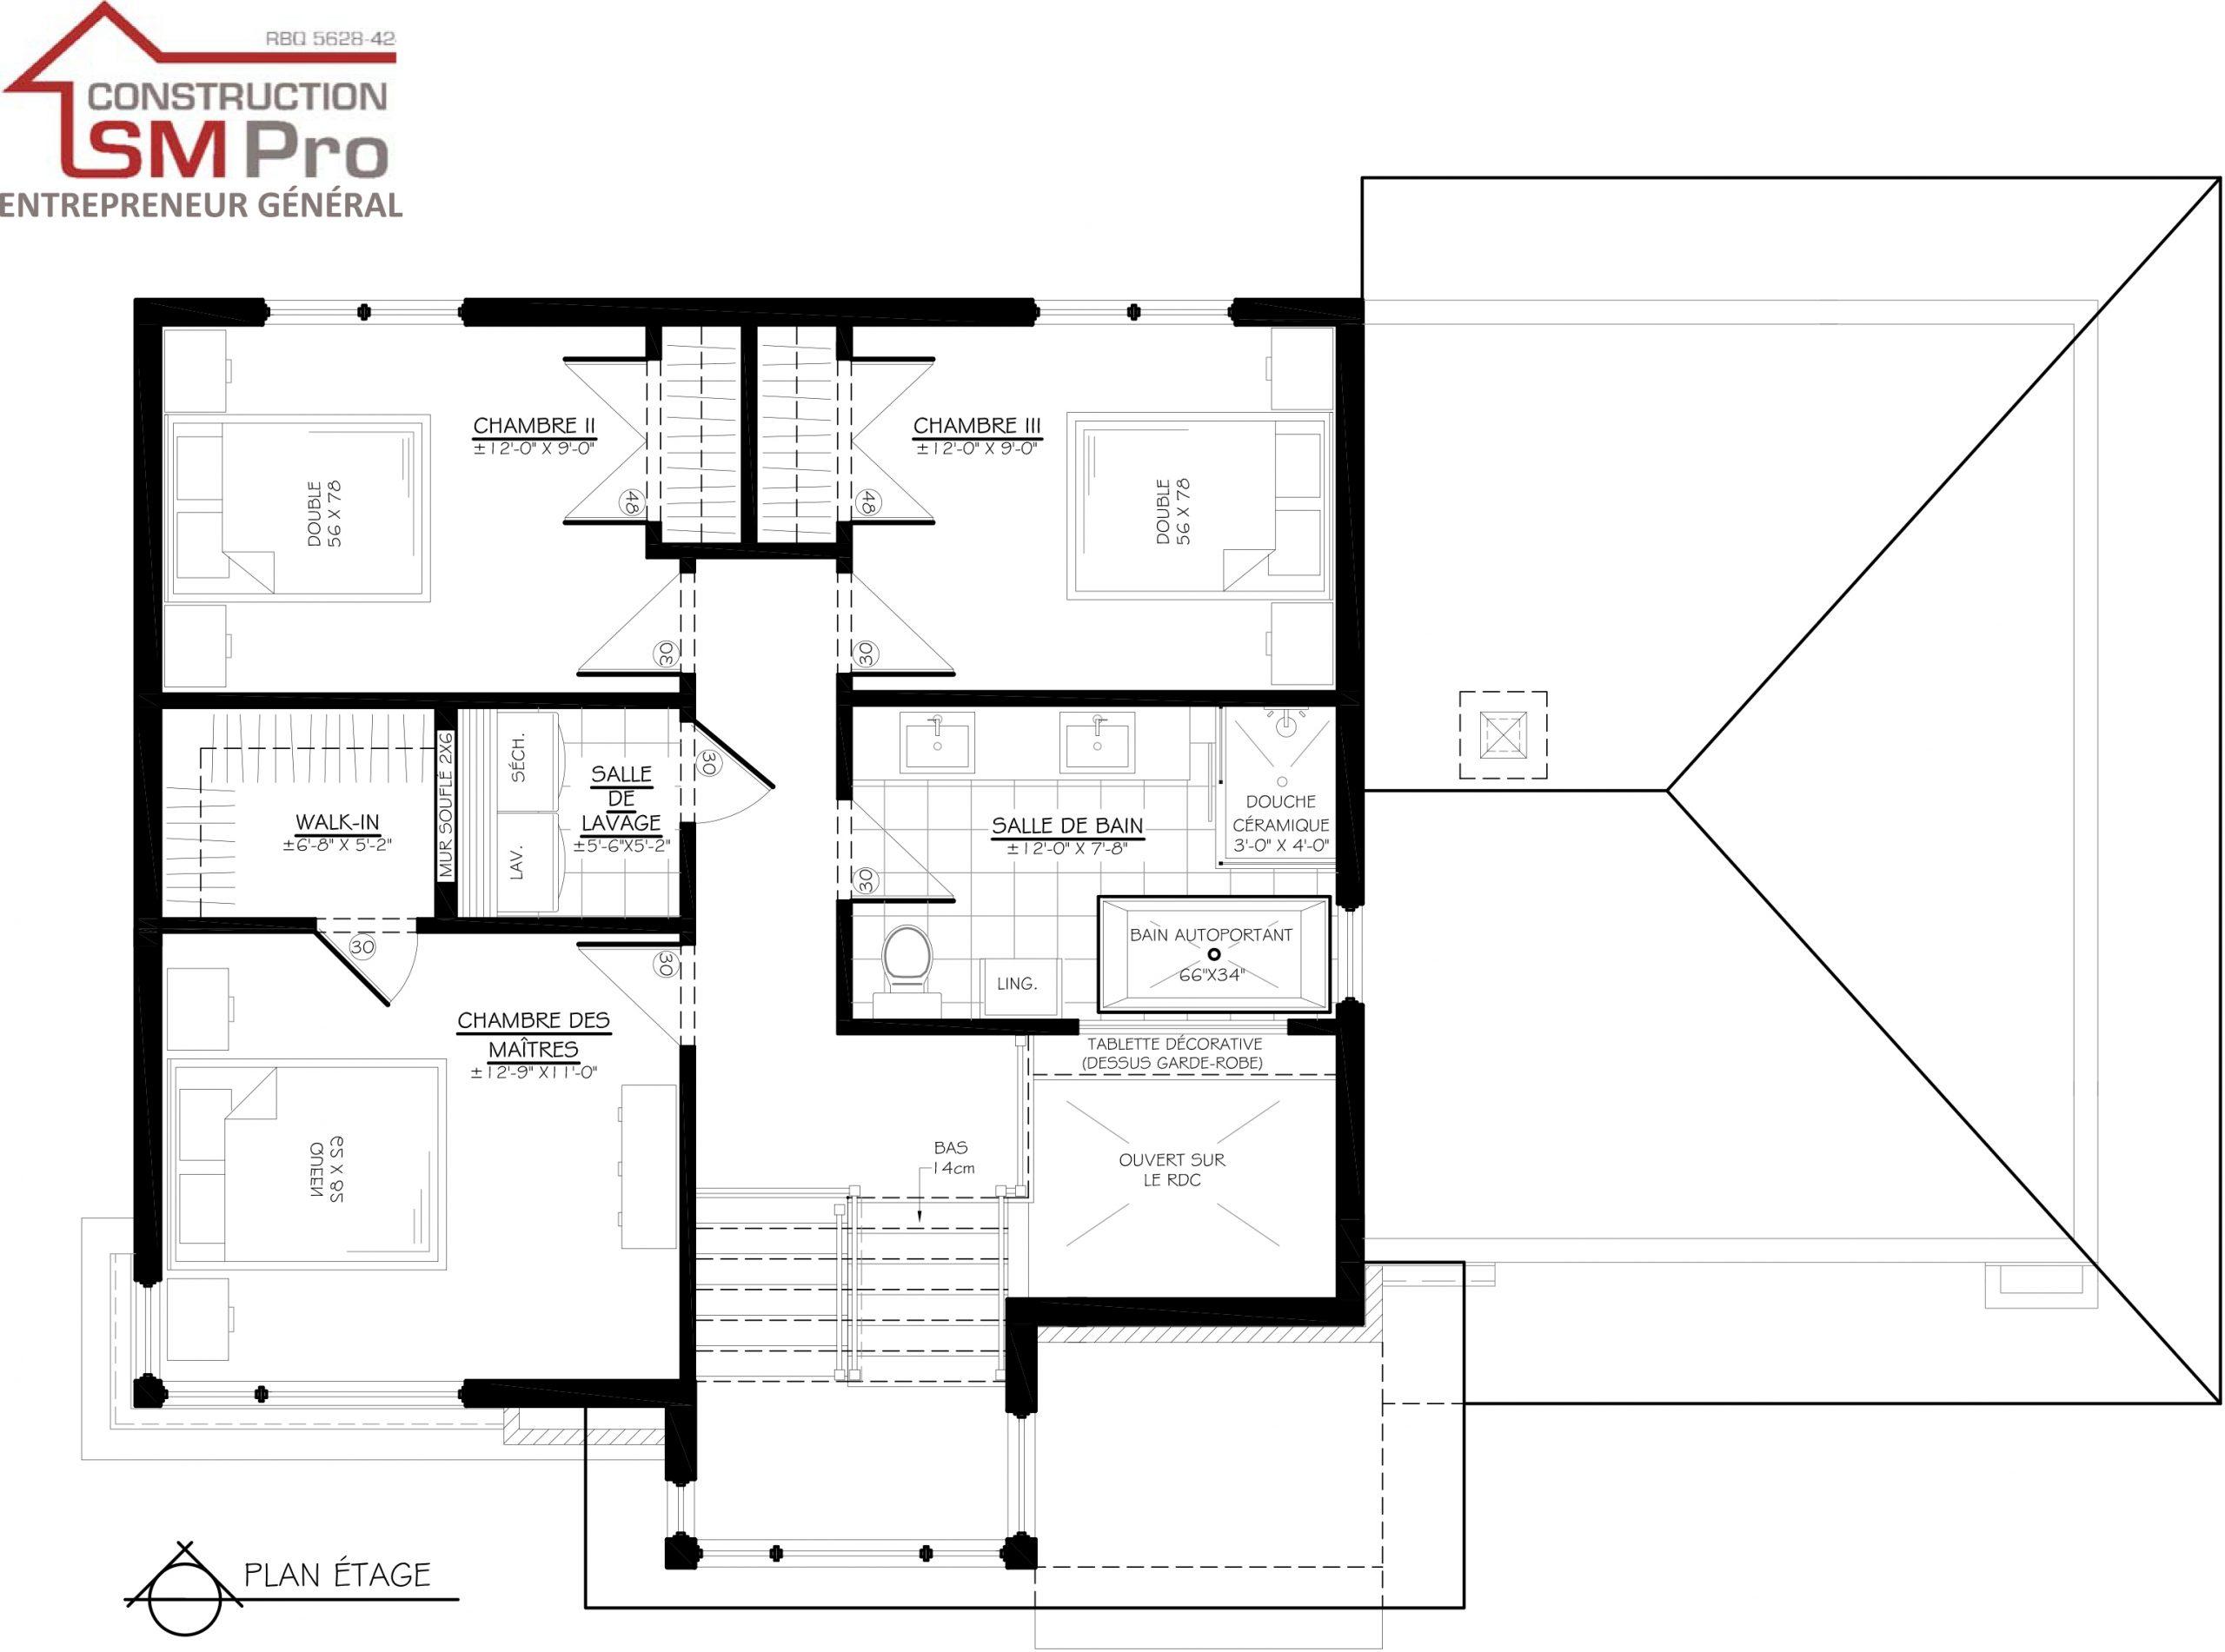 Construction SM Pro image modele PUR de l'étage